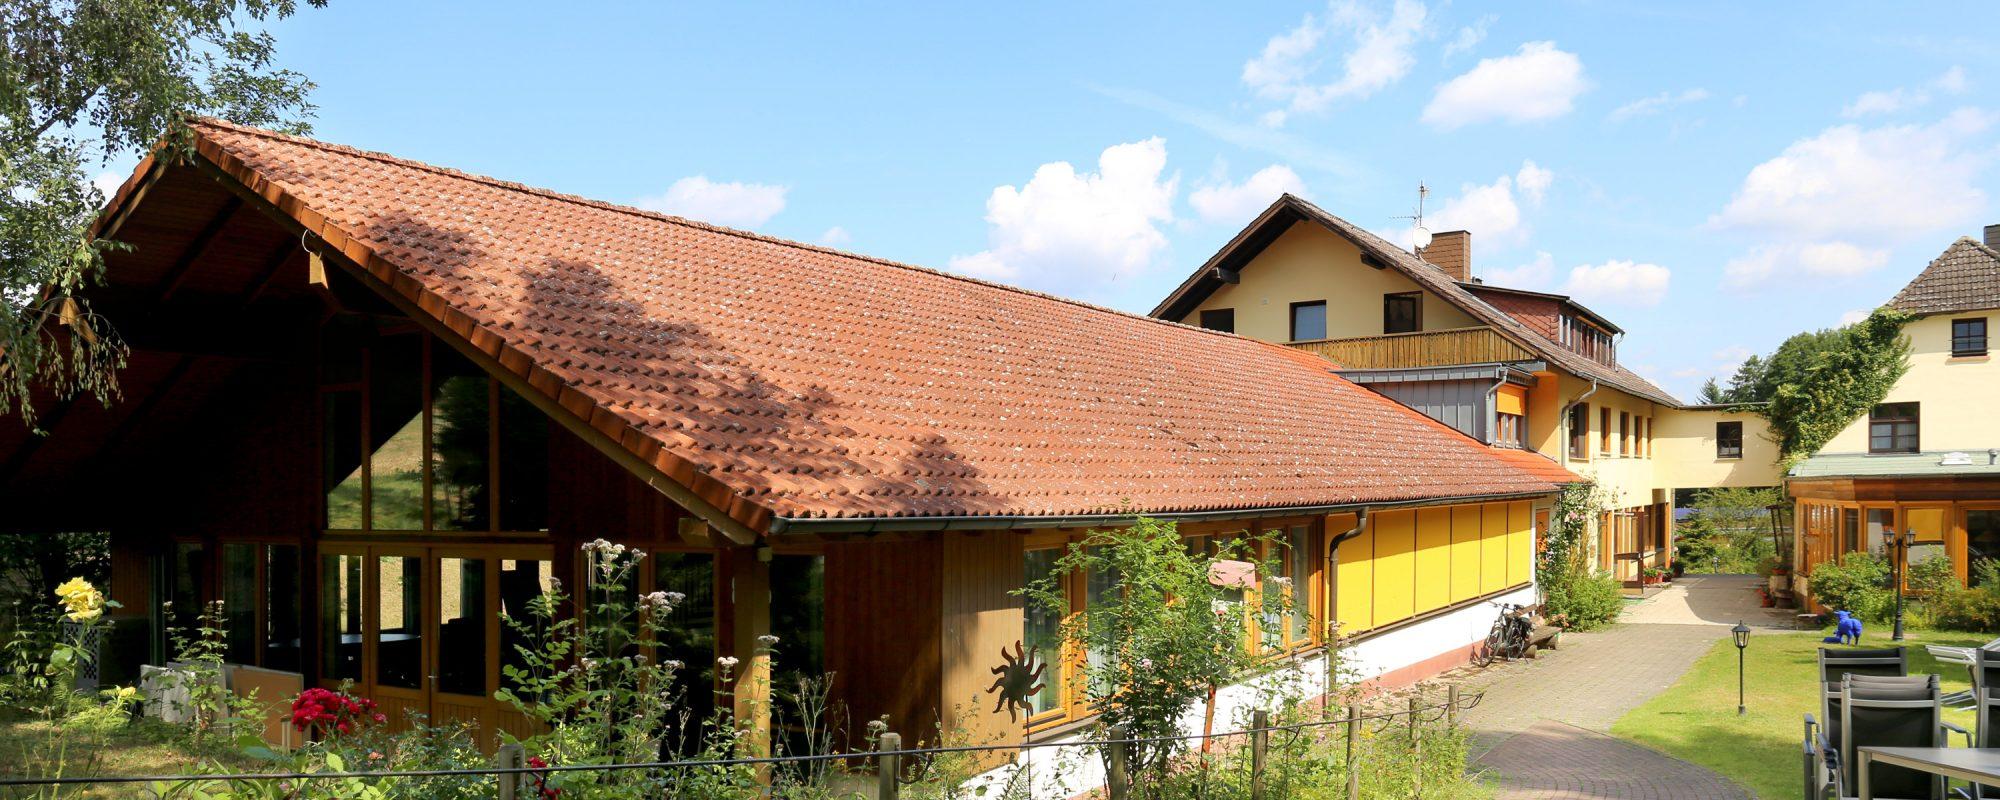 Wiedereröffnung der Außenstelle Elfenborn – Rückkehr zum Normalbetrieb in den Werkstätten?